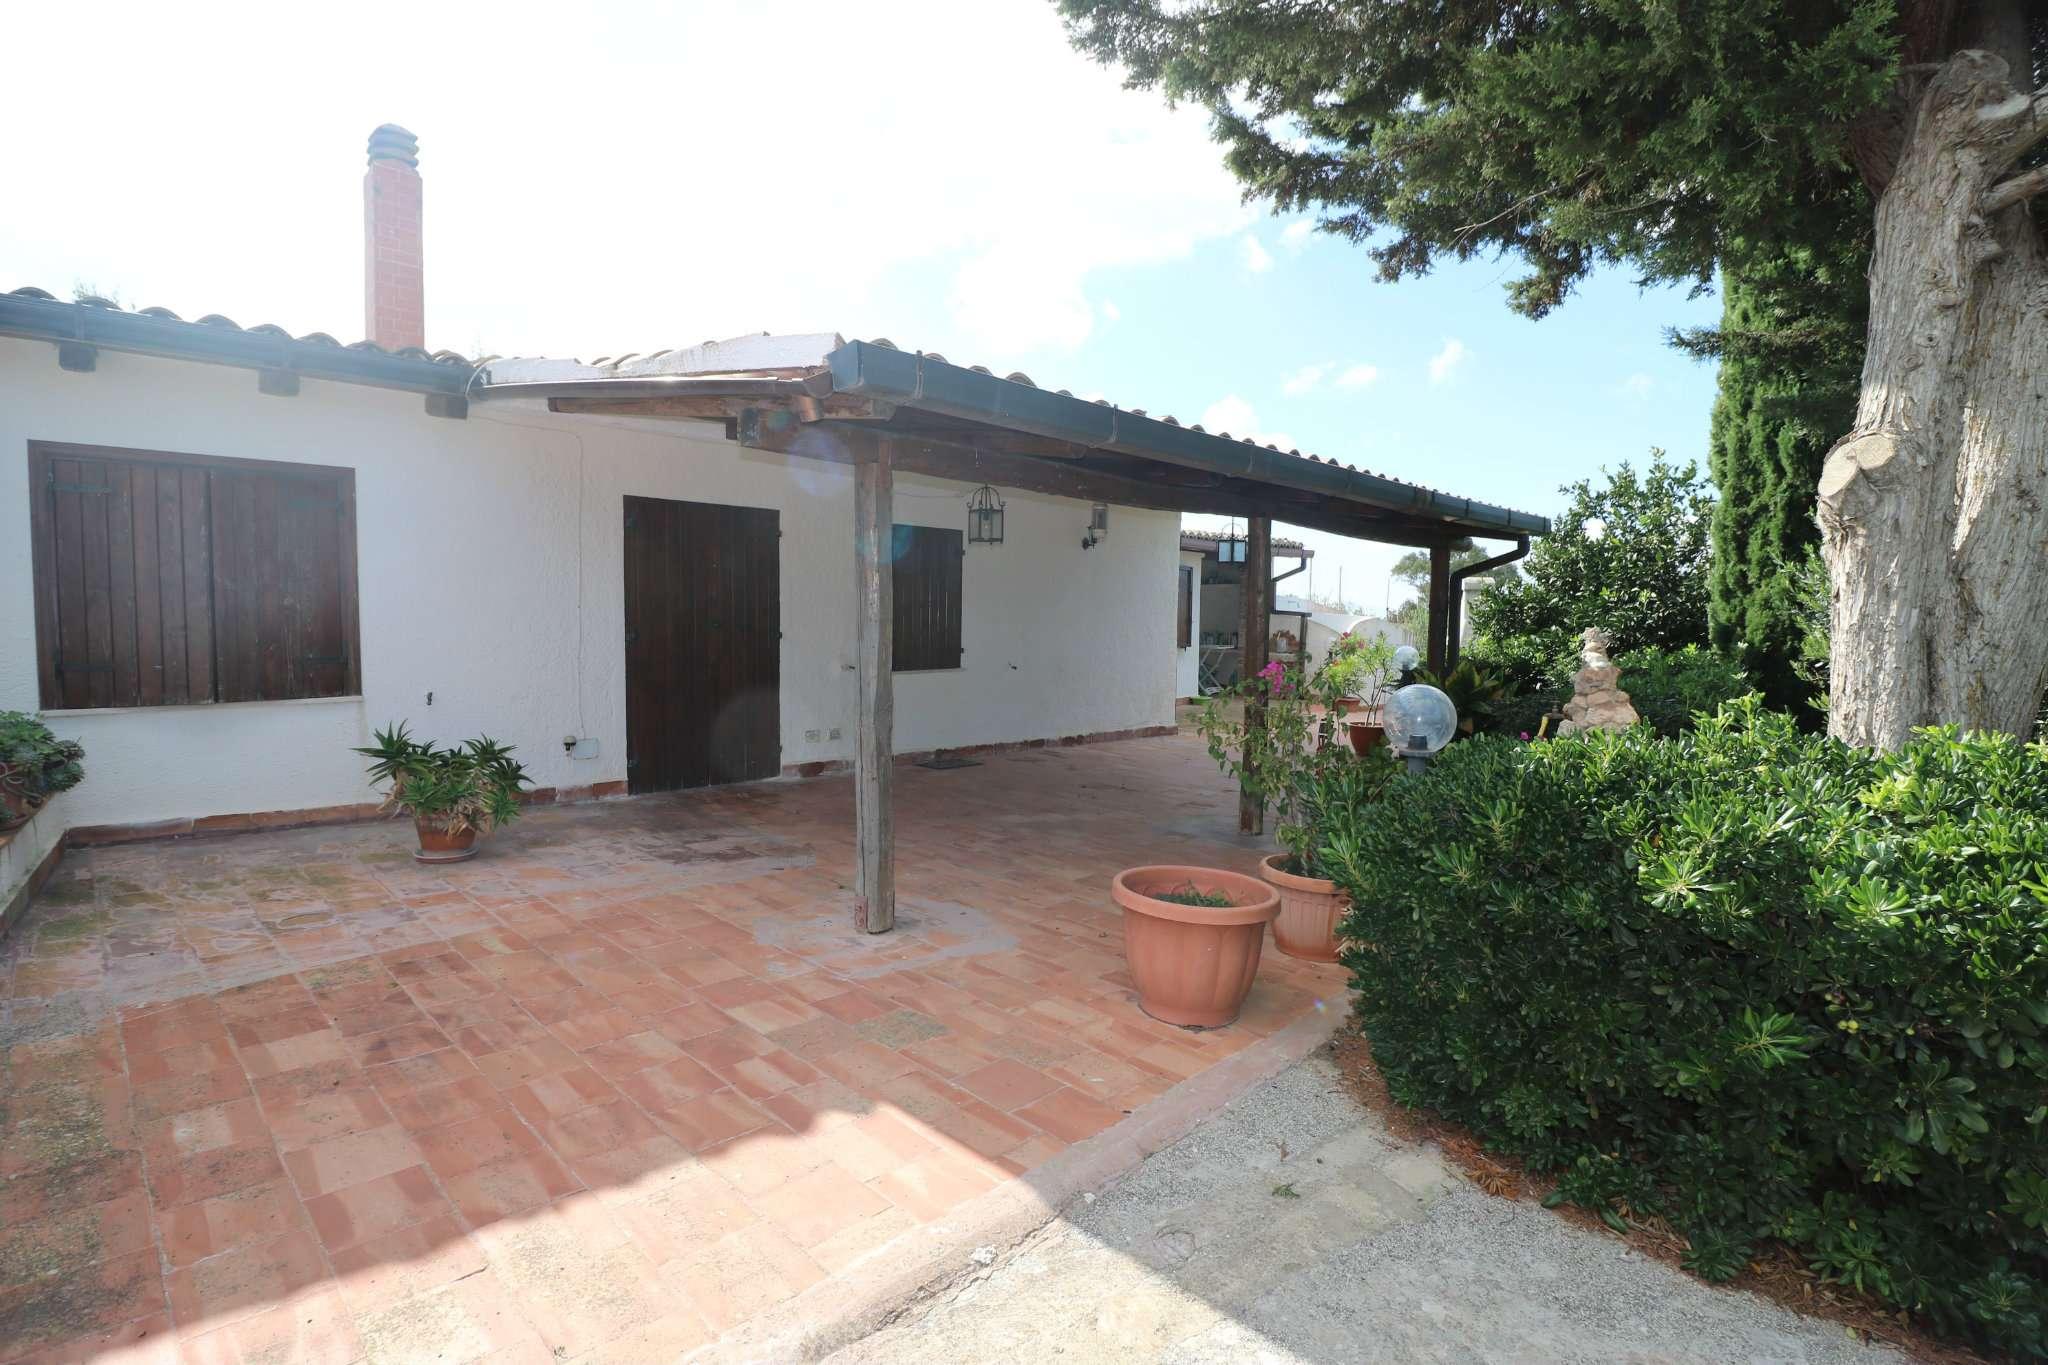 Soluzione Indipendente in affitto a Trapani, 3 locali, prezzo € 400 | Cambio Casa.it